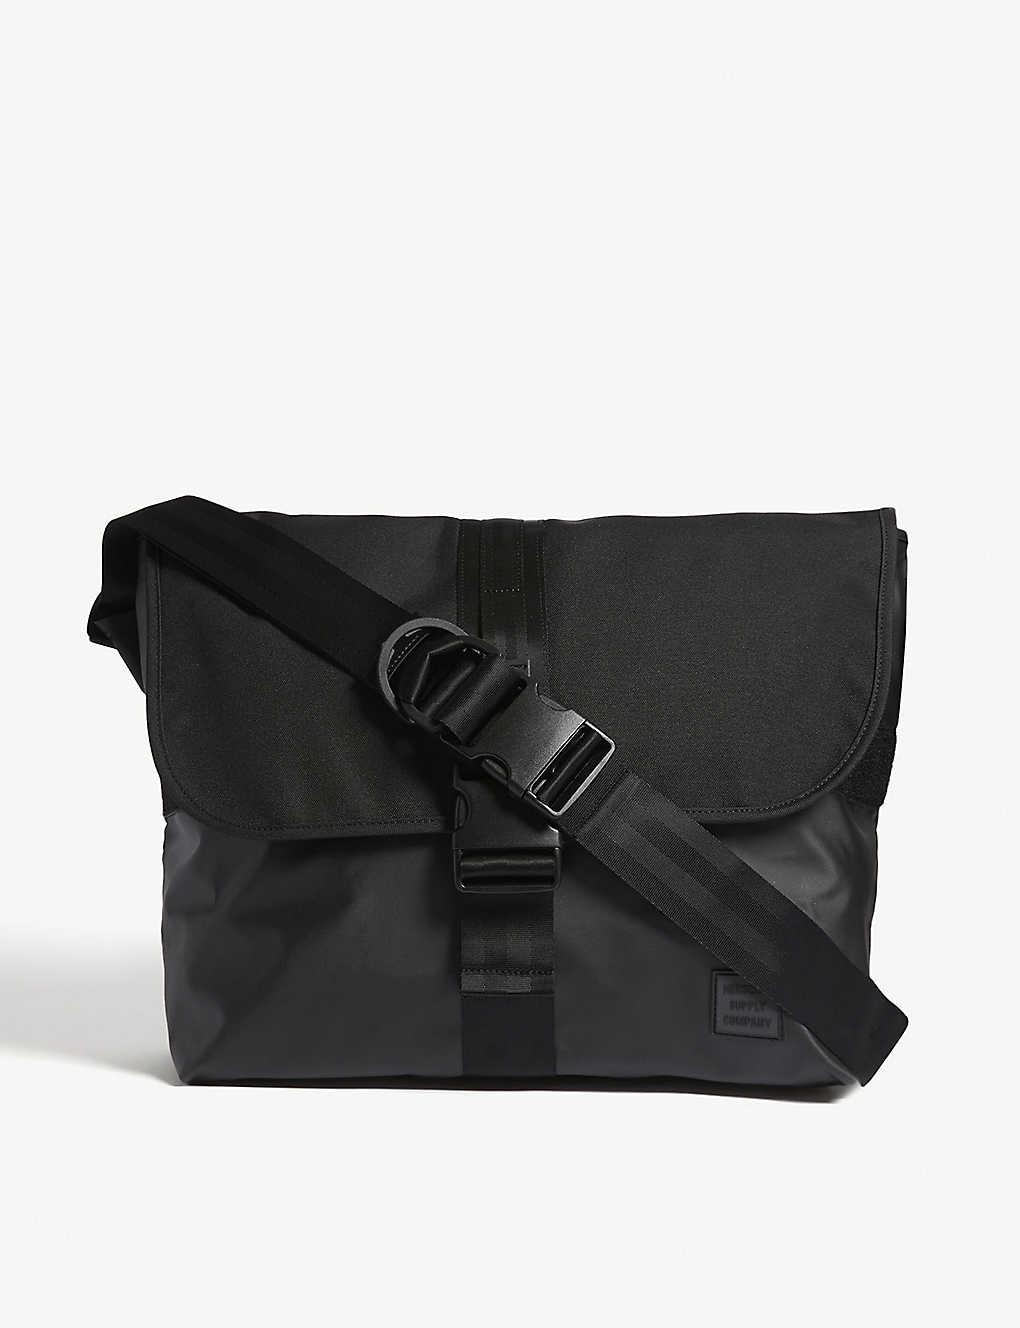 HERSCHEL SUPPLY CO - Odell messenger bag  8e0b8116c3ca1